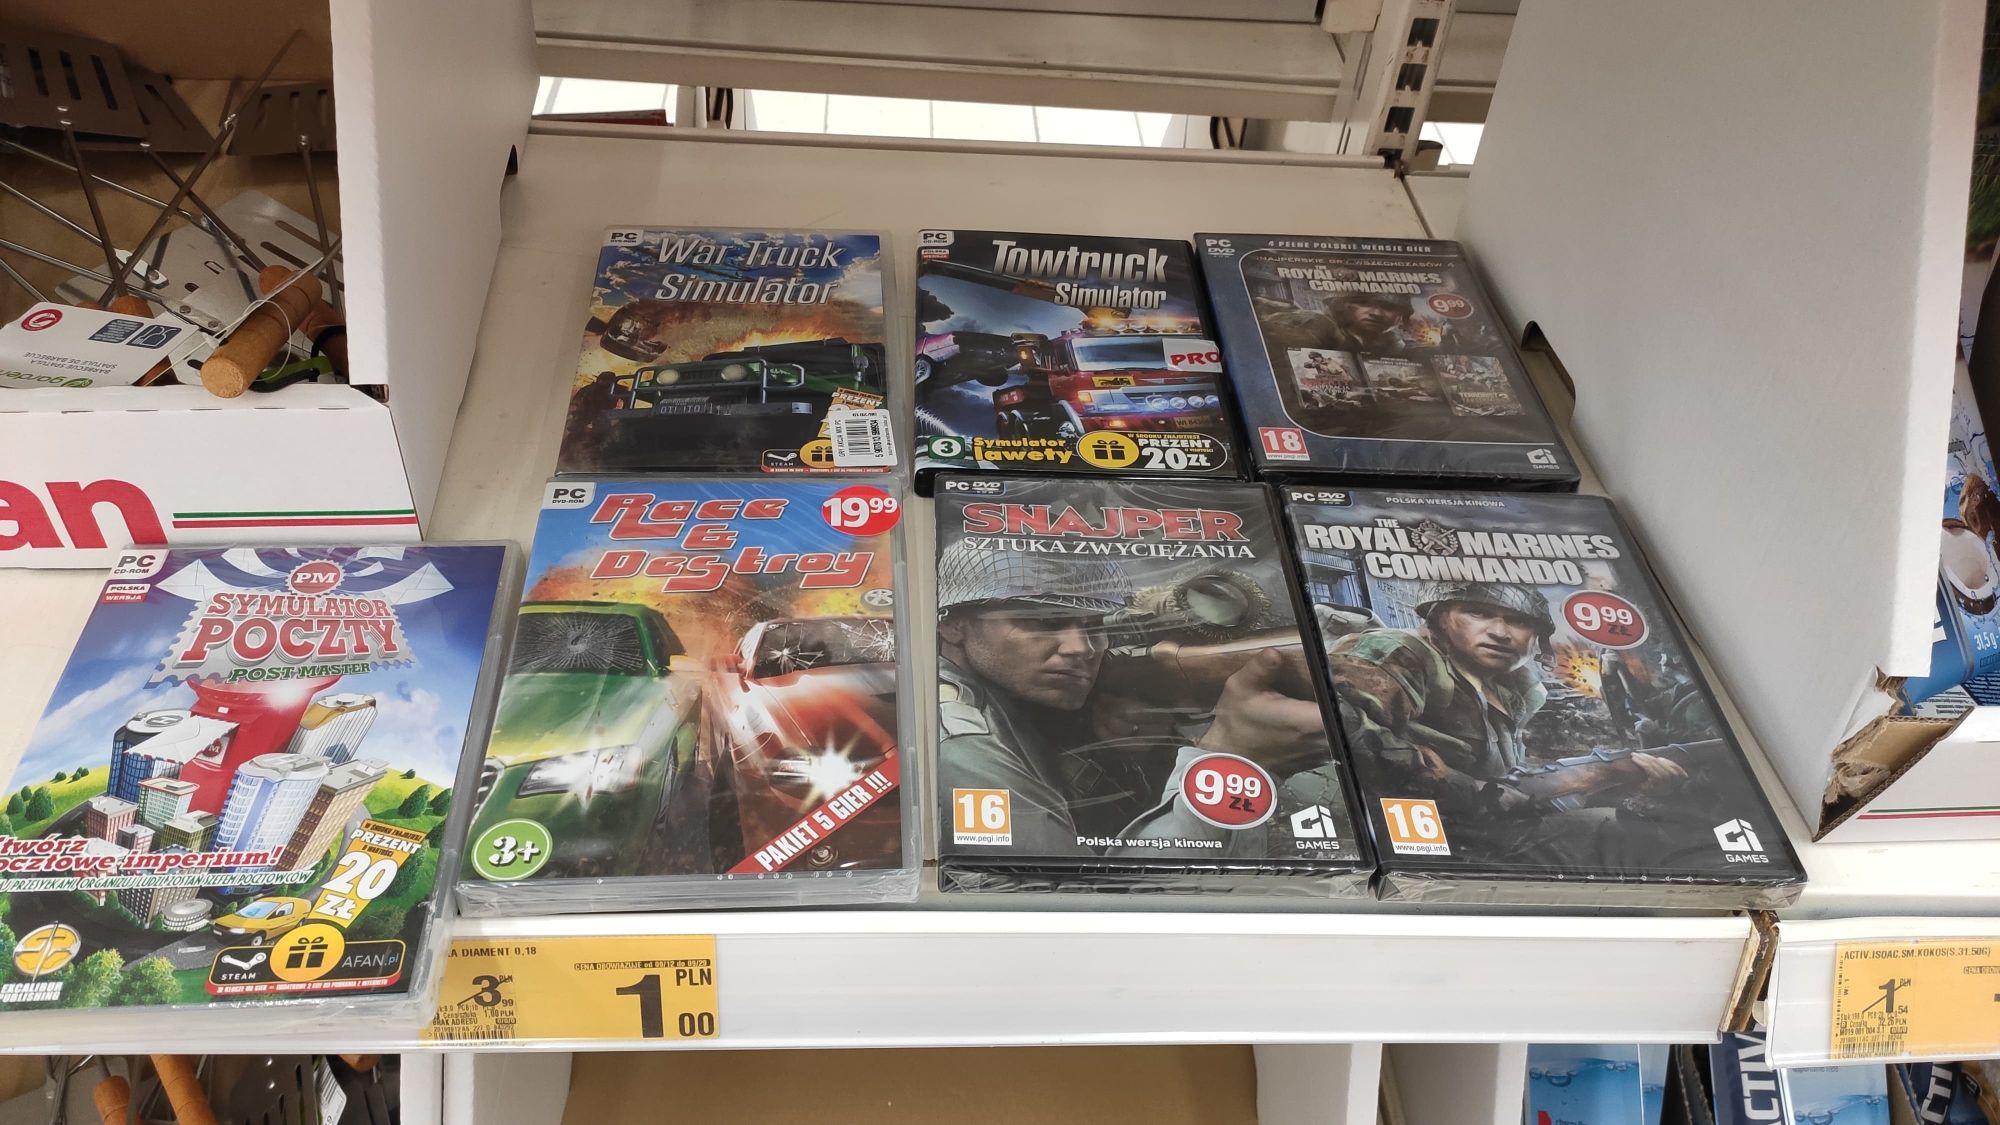 *Crap*Gry PC za 1zl @Auchan